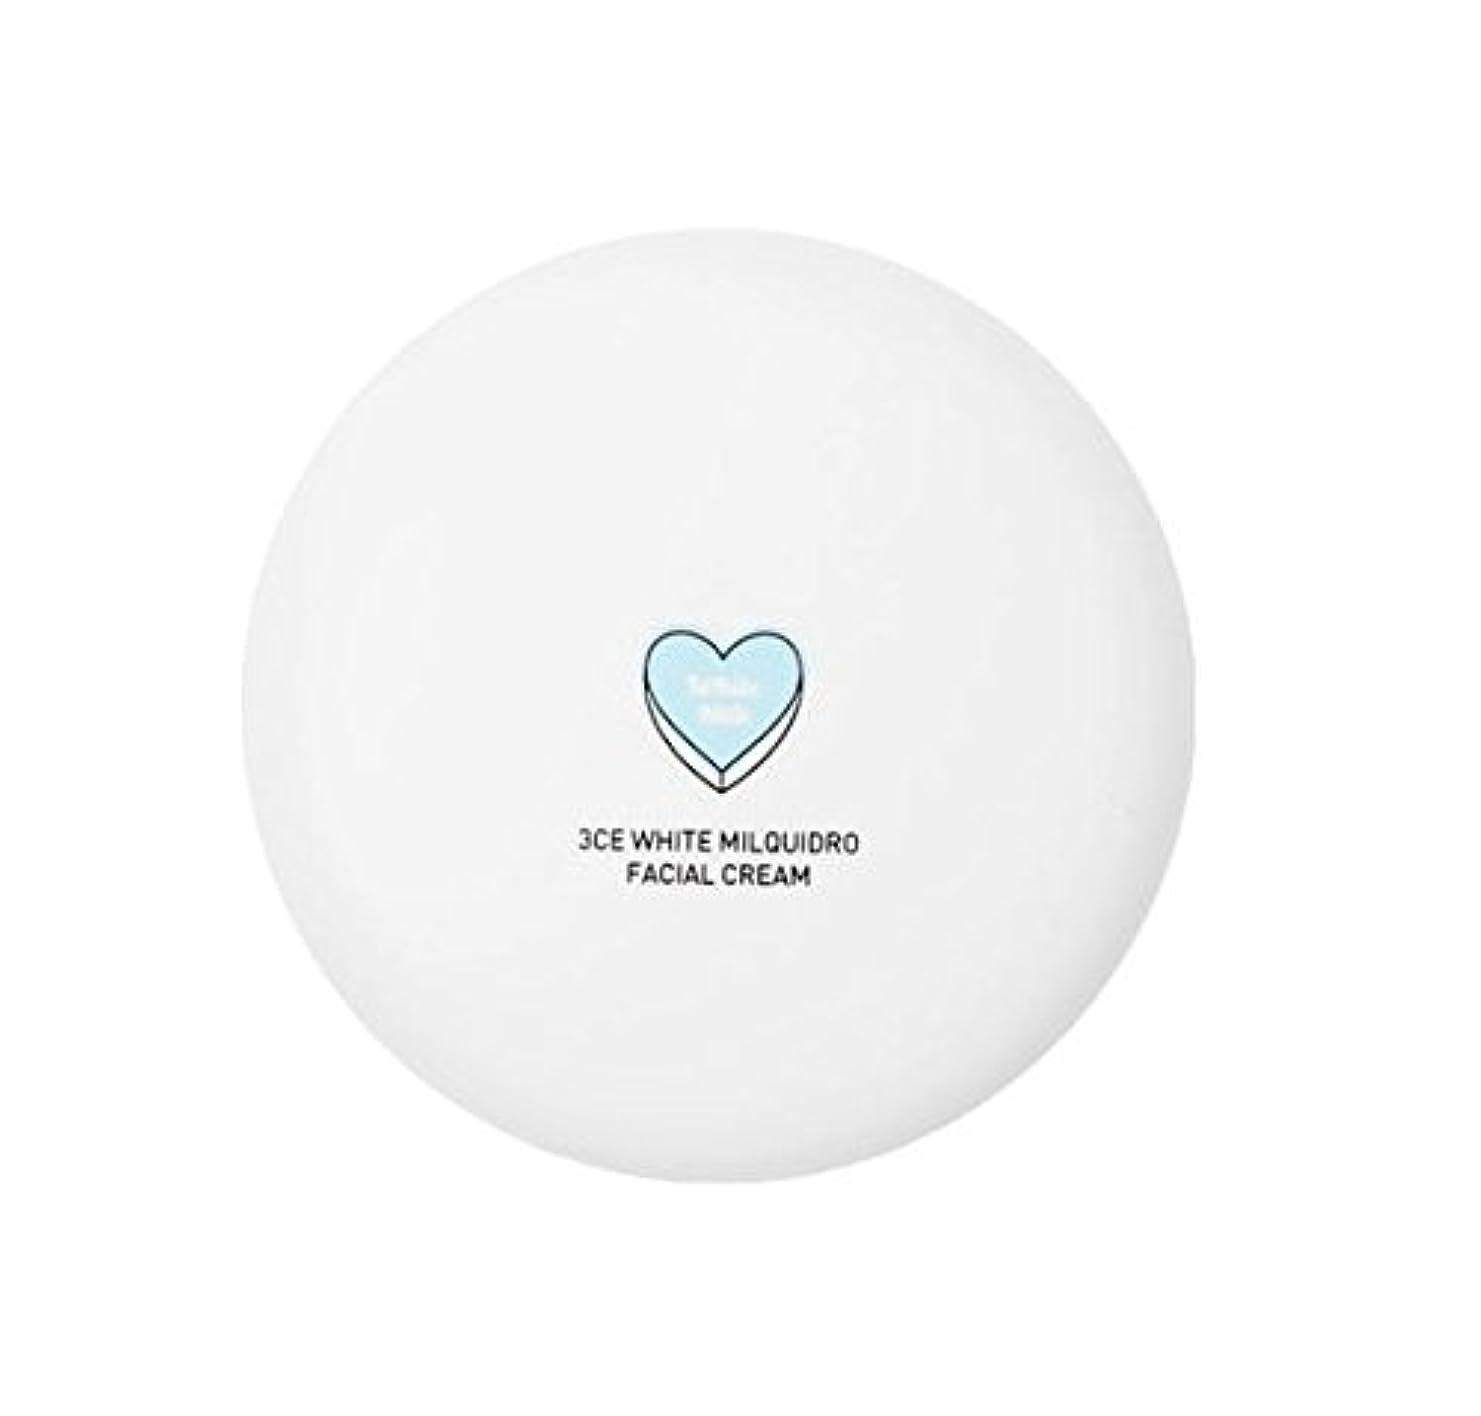 ホールモジュール五月3CE WHITE MILQUIDRO FACIAL CREAM 50ml / 3CE ホワイトミルクウィドローフェイシャルクリーム [並行輸入品]